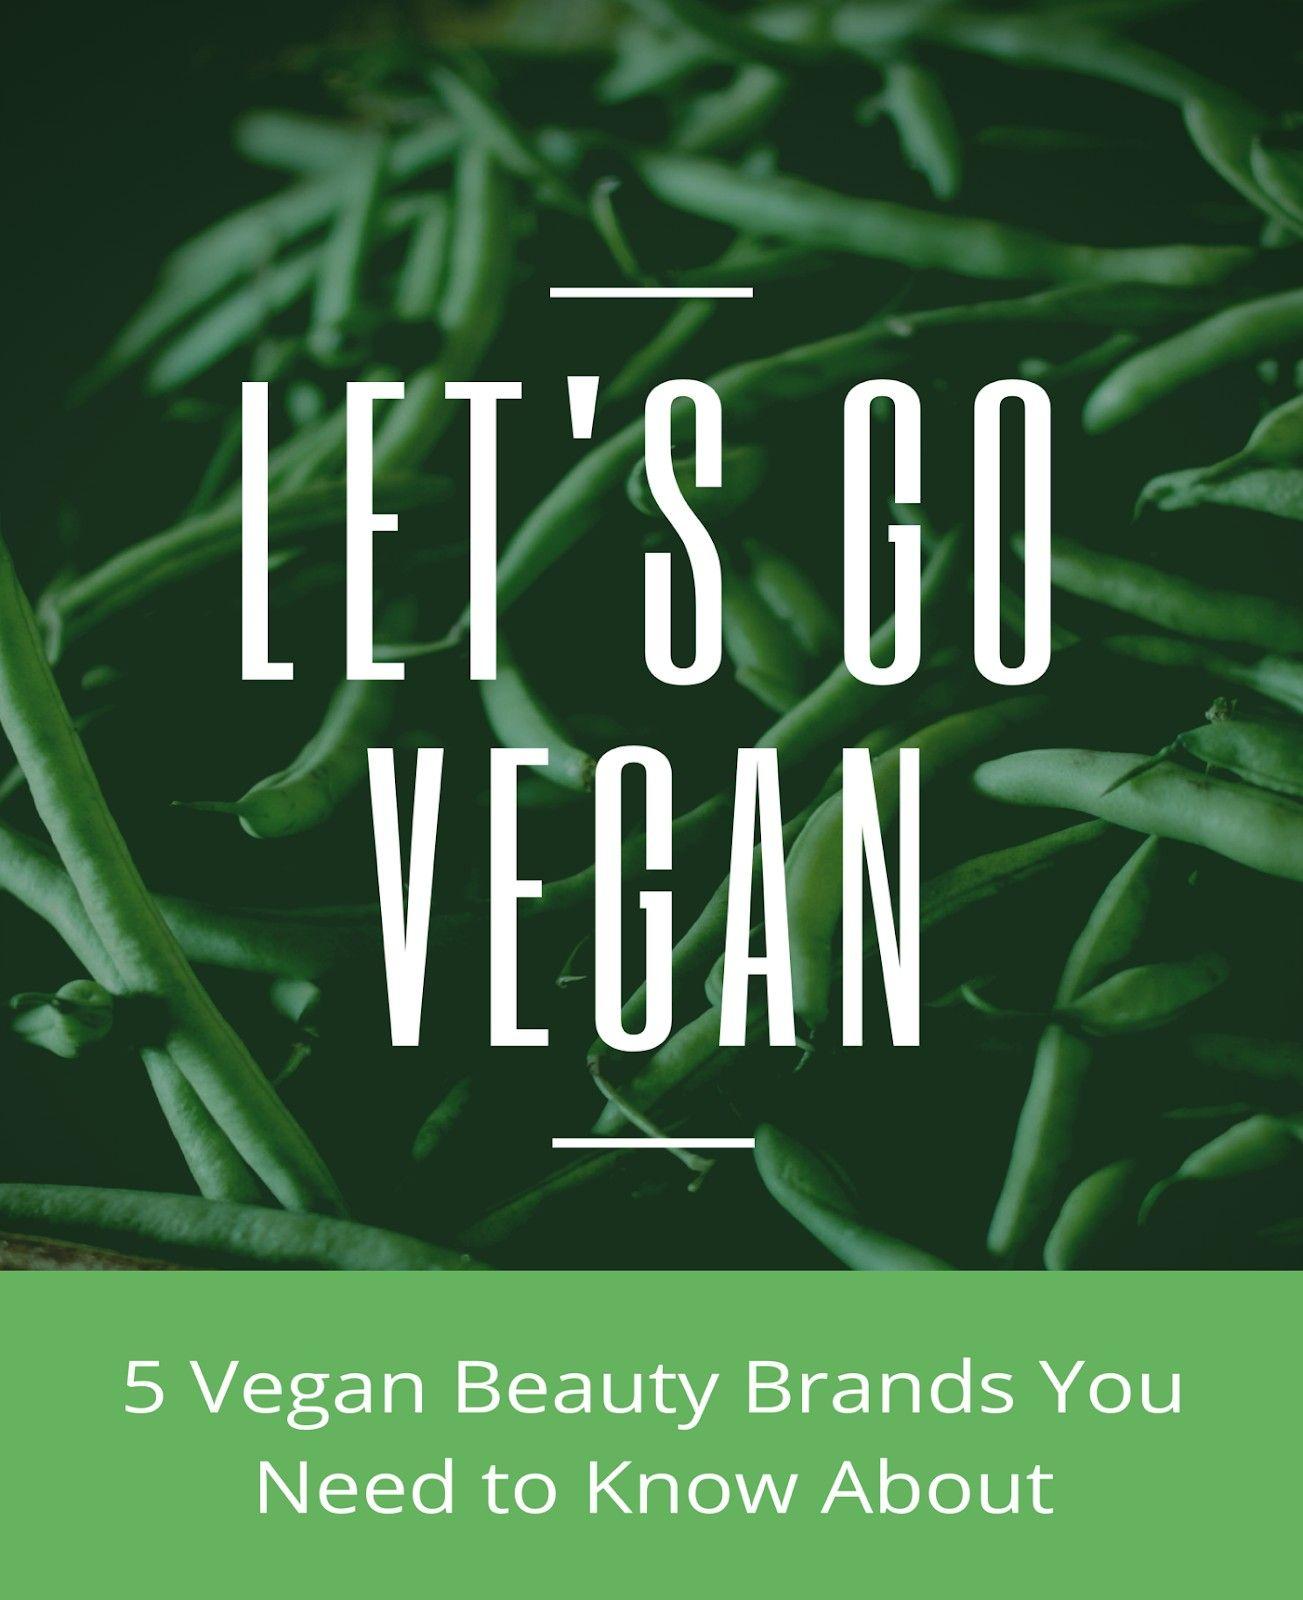 Top 5 Vegan Makeup Brands Ranked on Mira Beauty in 2020